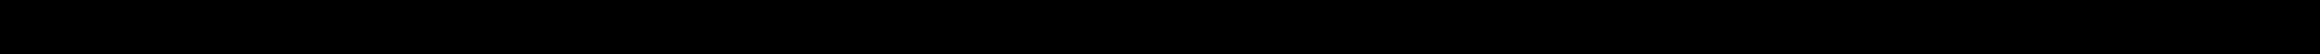 MAPCO 1K0 498 621, 2K0 498 621, 5K0 498 621 A, 5Q0 407 621 B, 5Q0 407 621 C Σετ ρουλεμάν τροχών